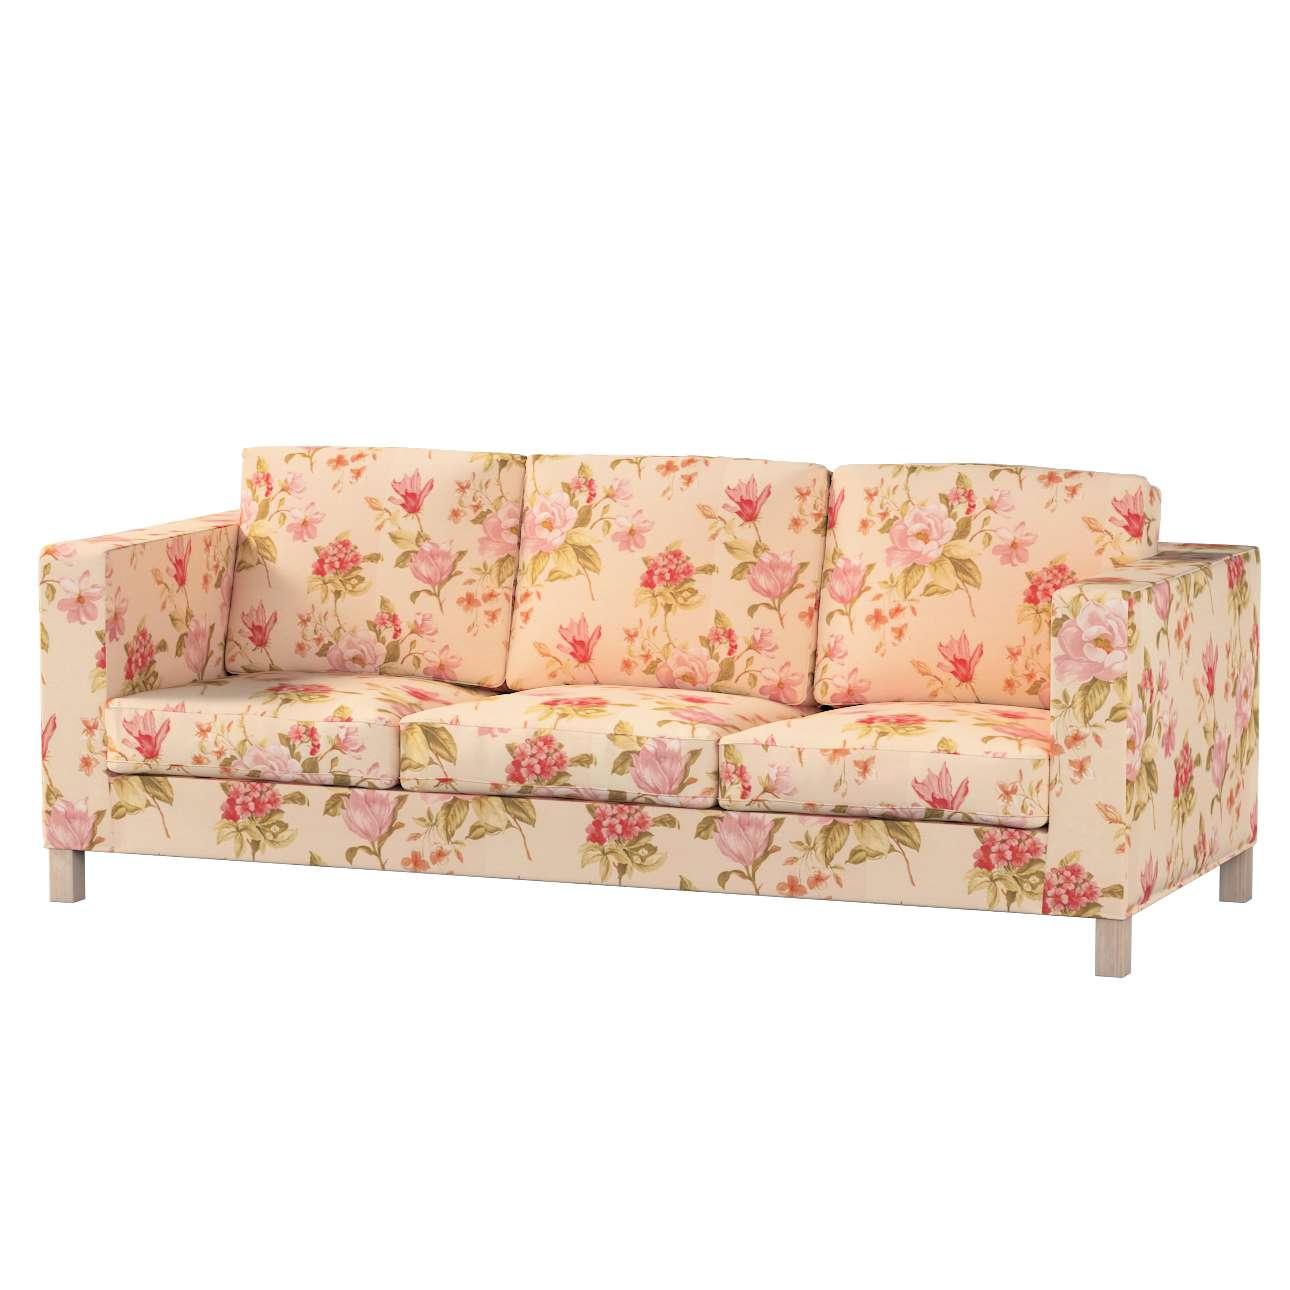 KARLANDA trivietės sofos užvalkalas KARLANDA trivietės sofos užvalkalas kolekcijoje Londres, audinys: 123-05